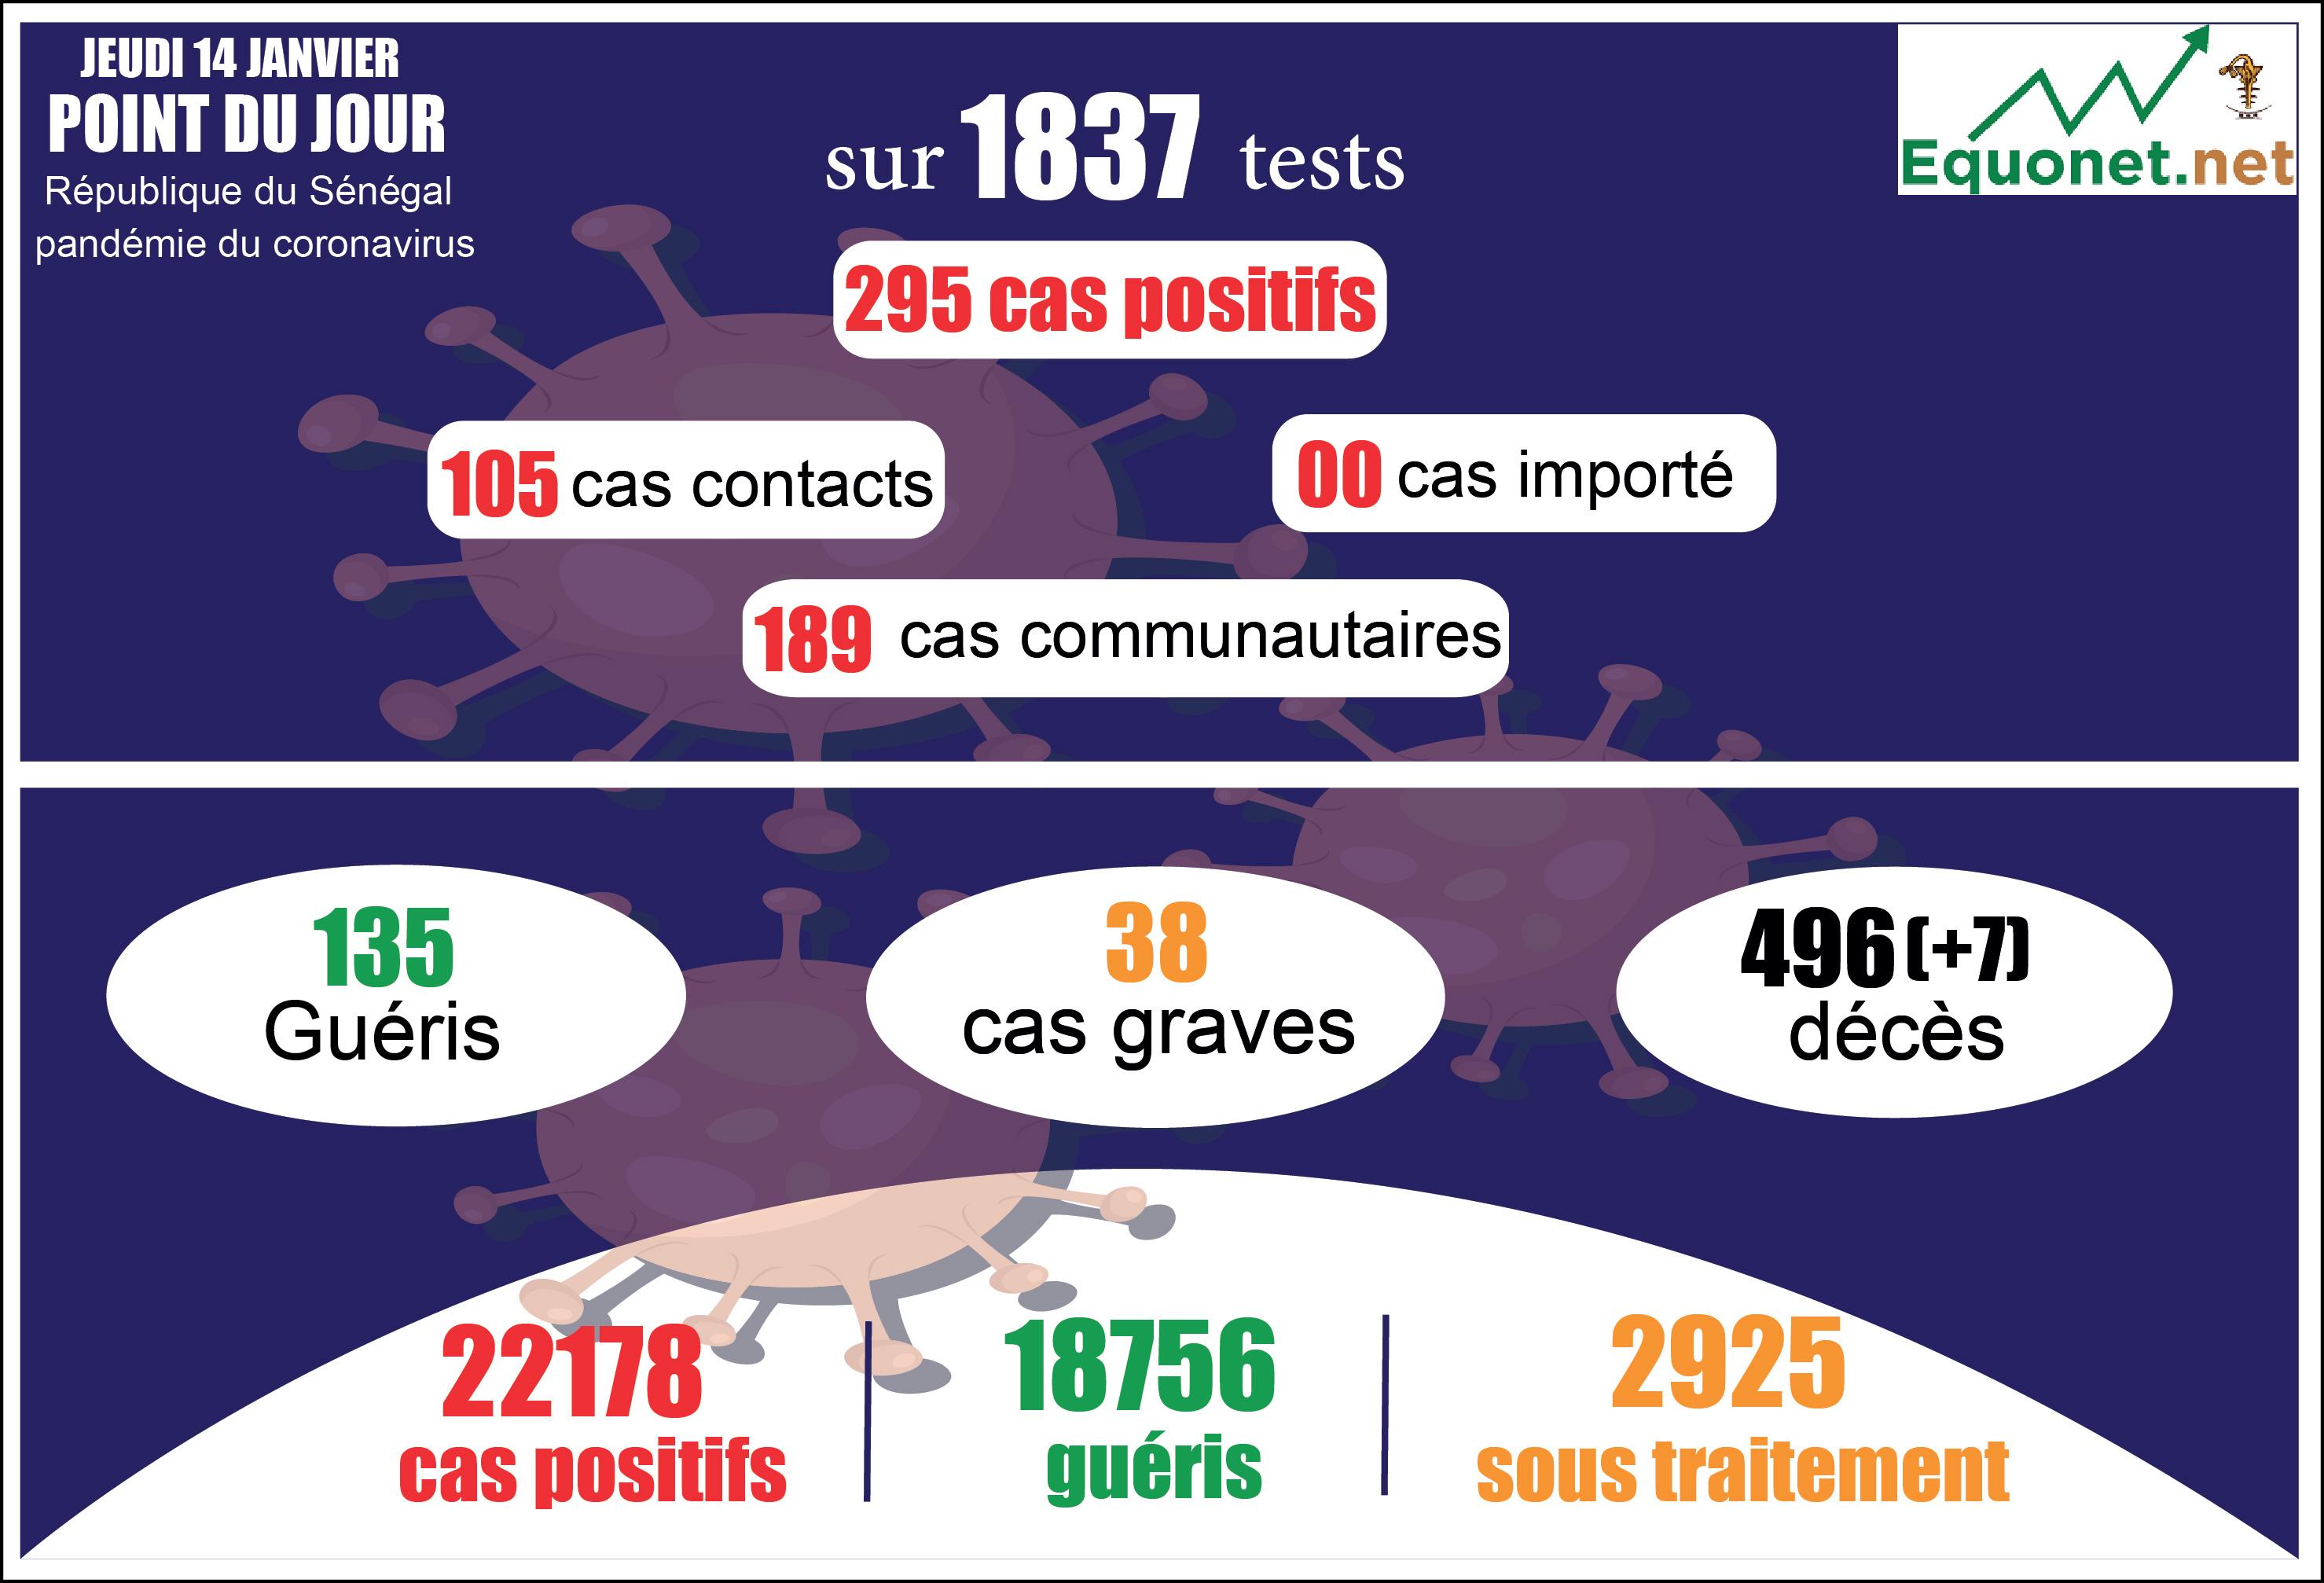 pandémie du coronavirus-covid-19 au sénégal : 189 cas communautaires ont été enregistrés ce jeudi 14 janvier 2021